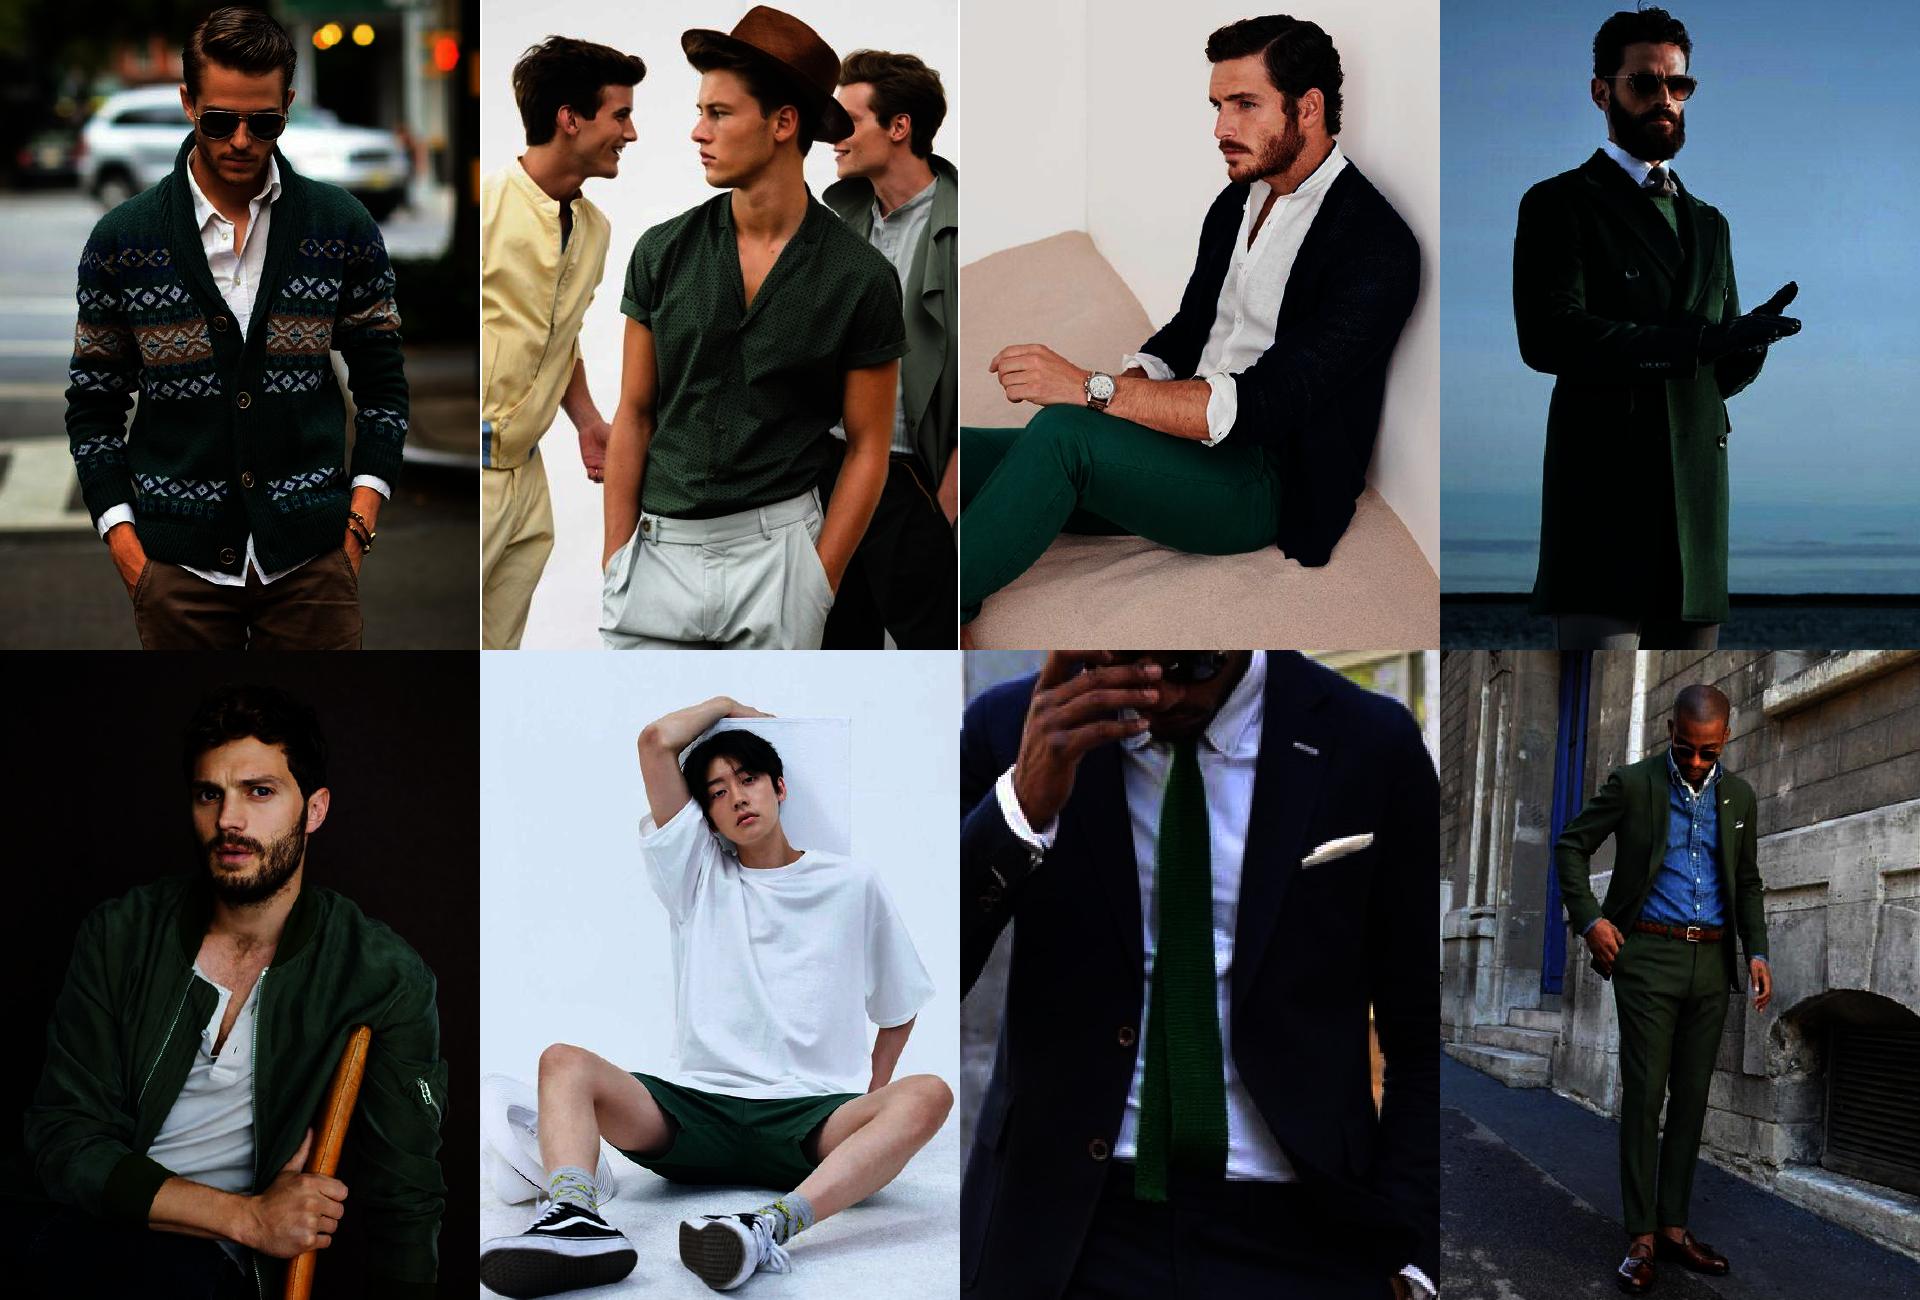 Łącznie kolorów - zielony - kolory pasujące do zielonego